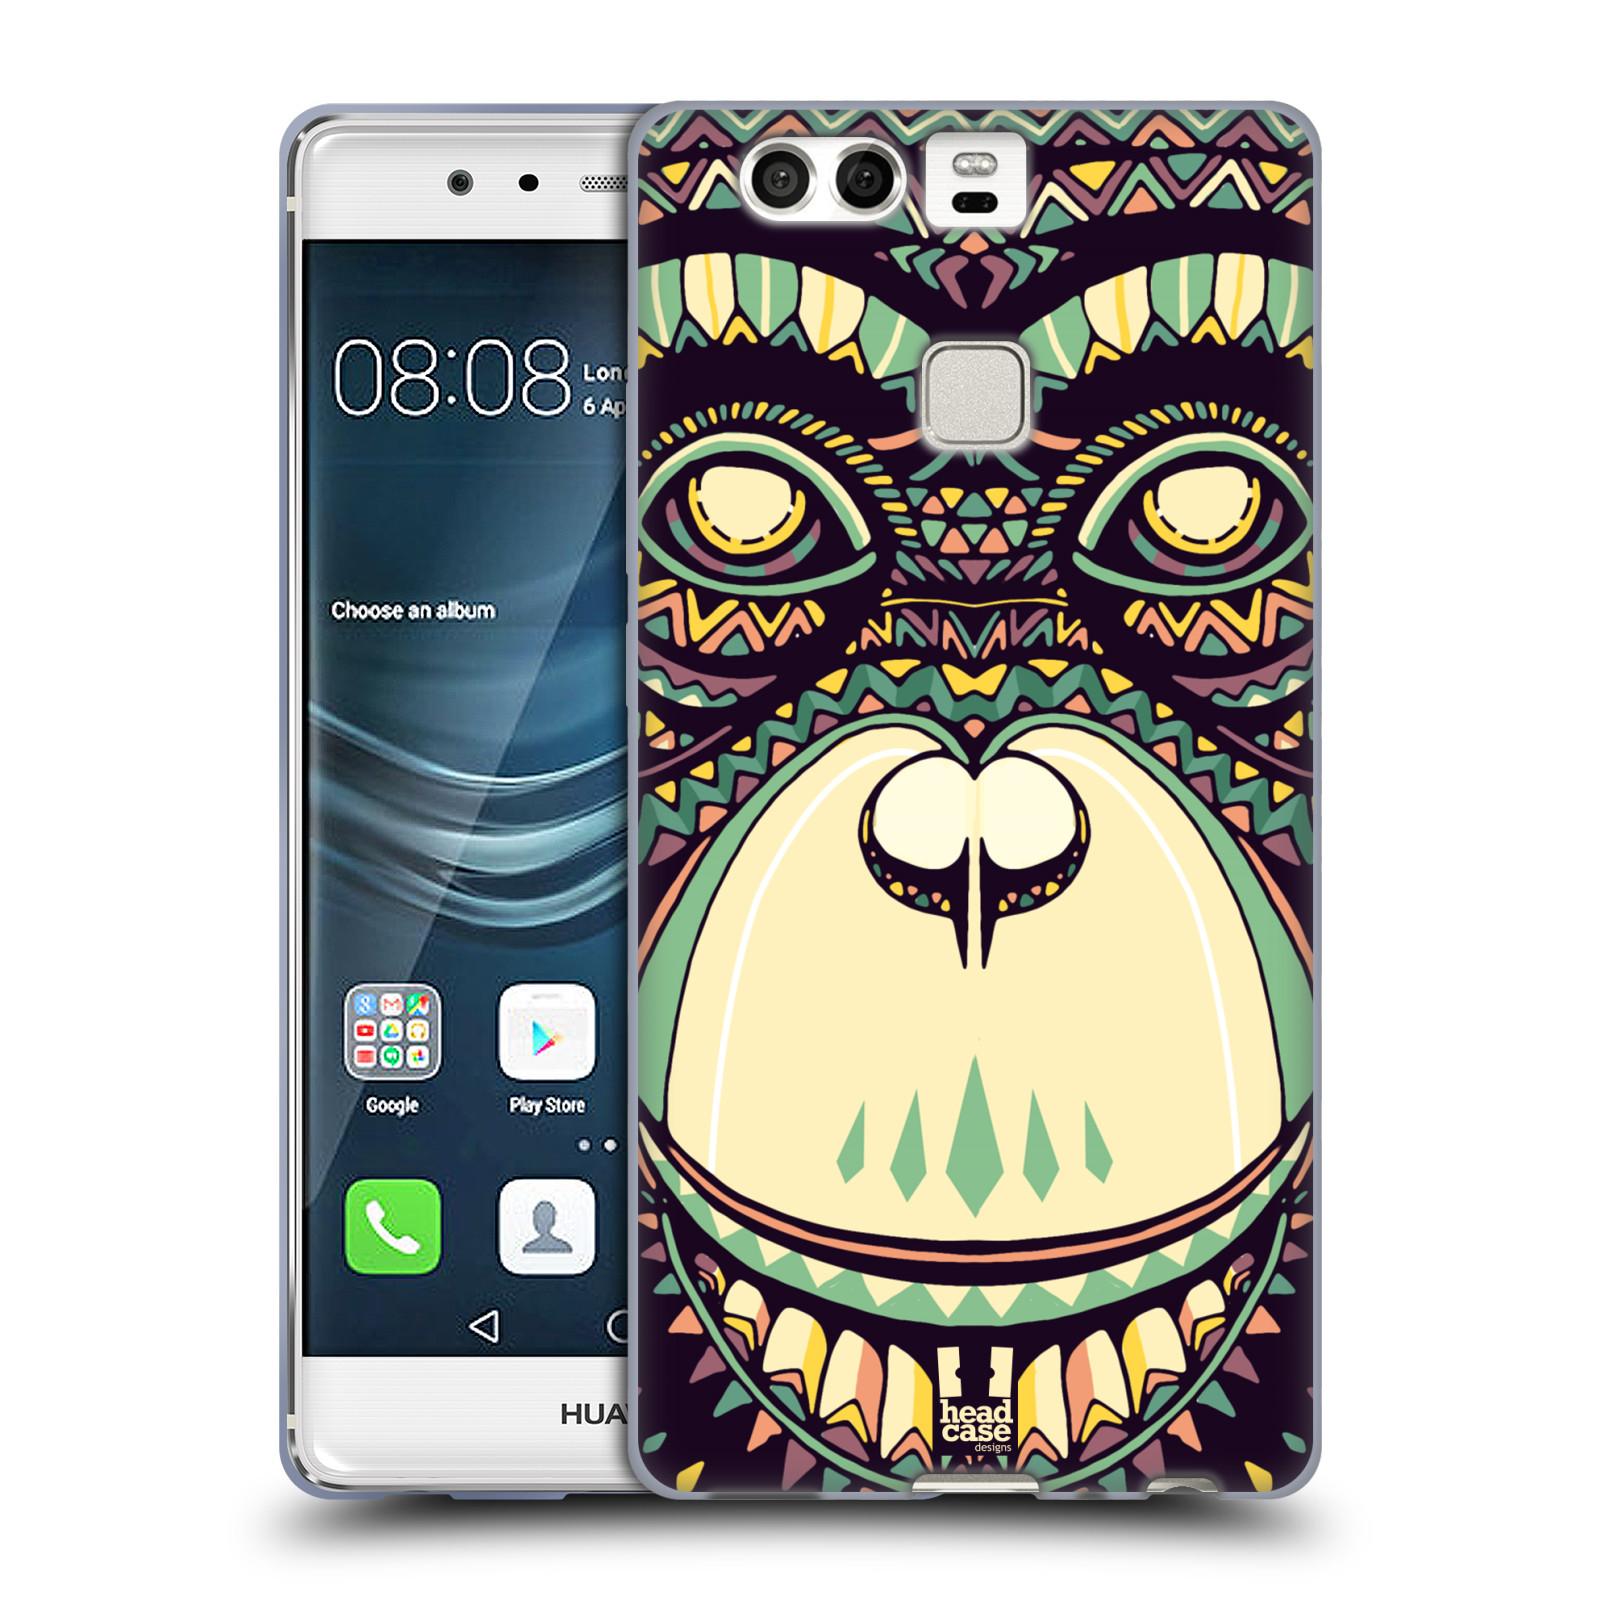 HEAD CASE silikonový obal na mobil Huawei P9 / P9 DUAL SIM vzor Aztécký motiv zvíře 3 šimpanz